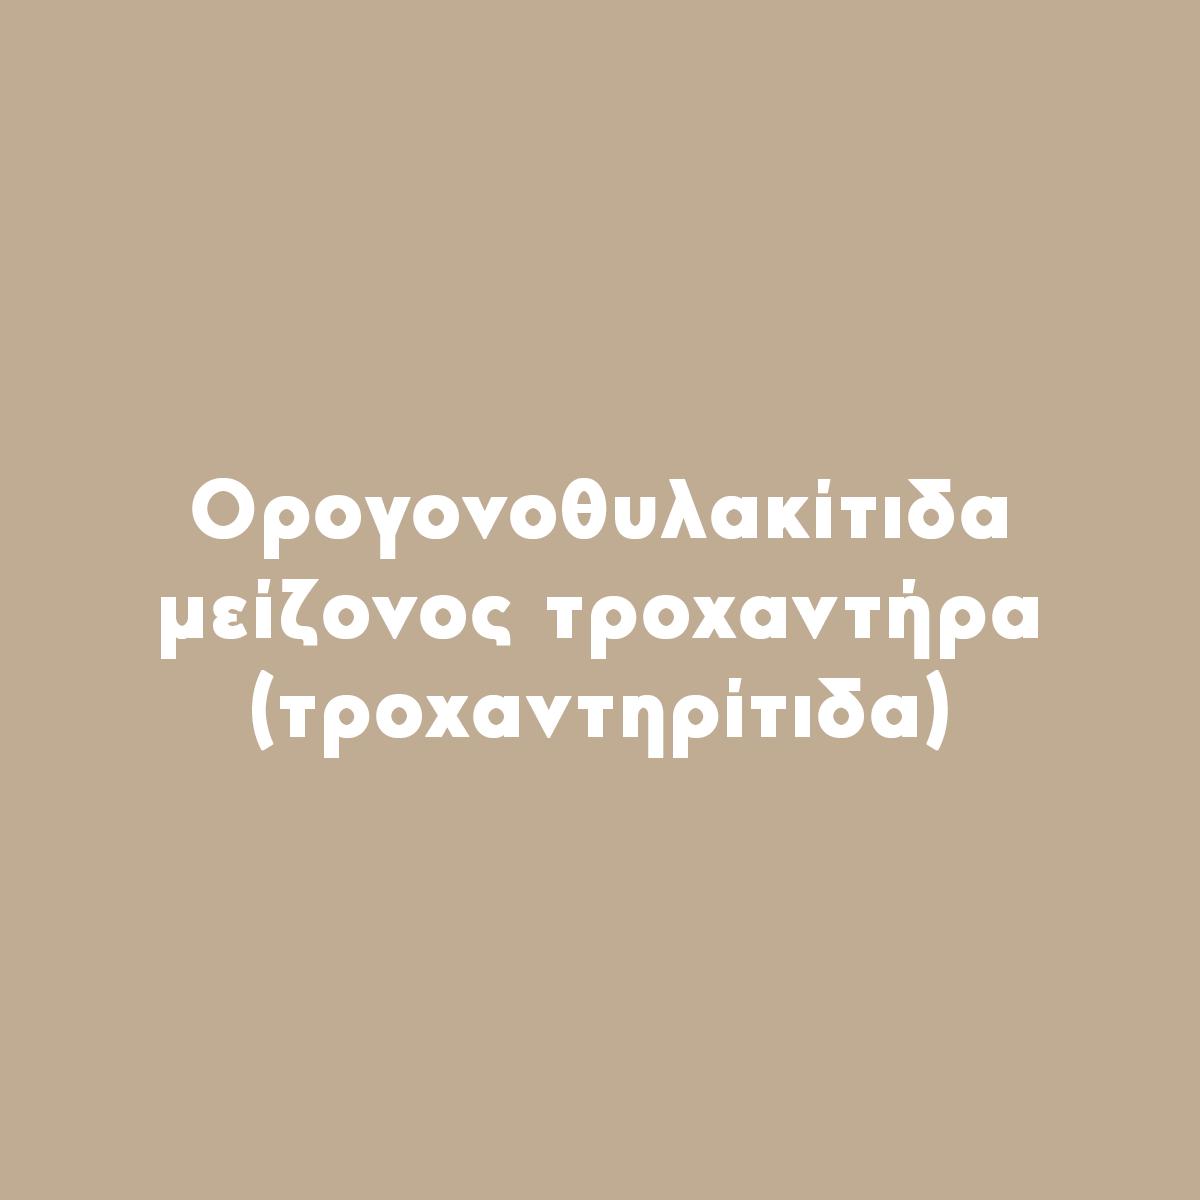 τροχαντηρίτιδα